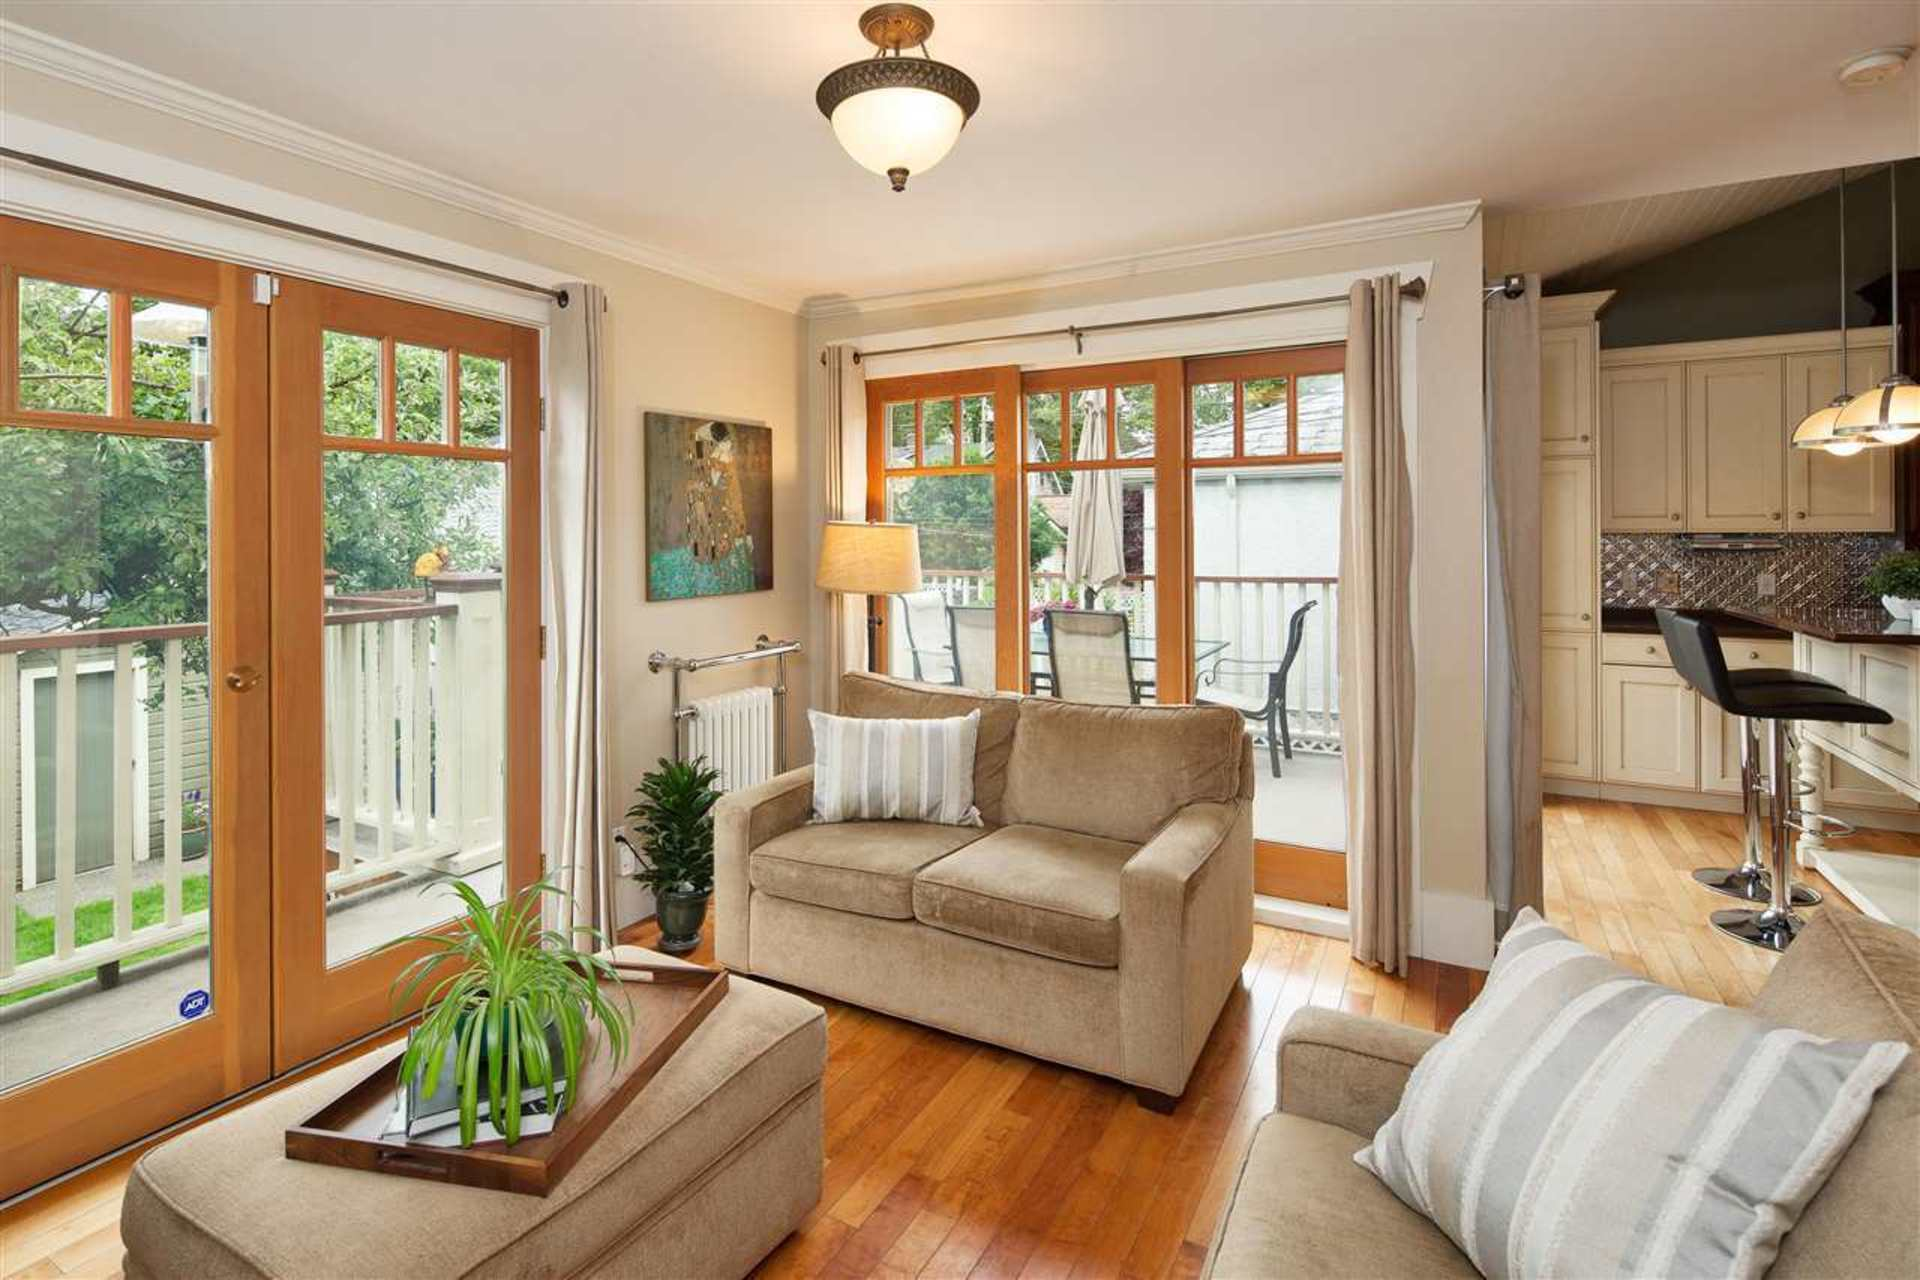 2836-w-12th-avenue-kitsilano-vancouver-west-07 at 2836 W 12th Avenue, Kitsilano, Vancouver West